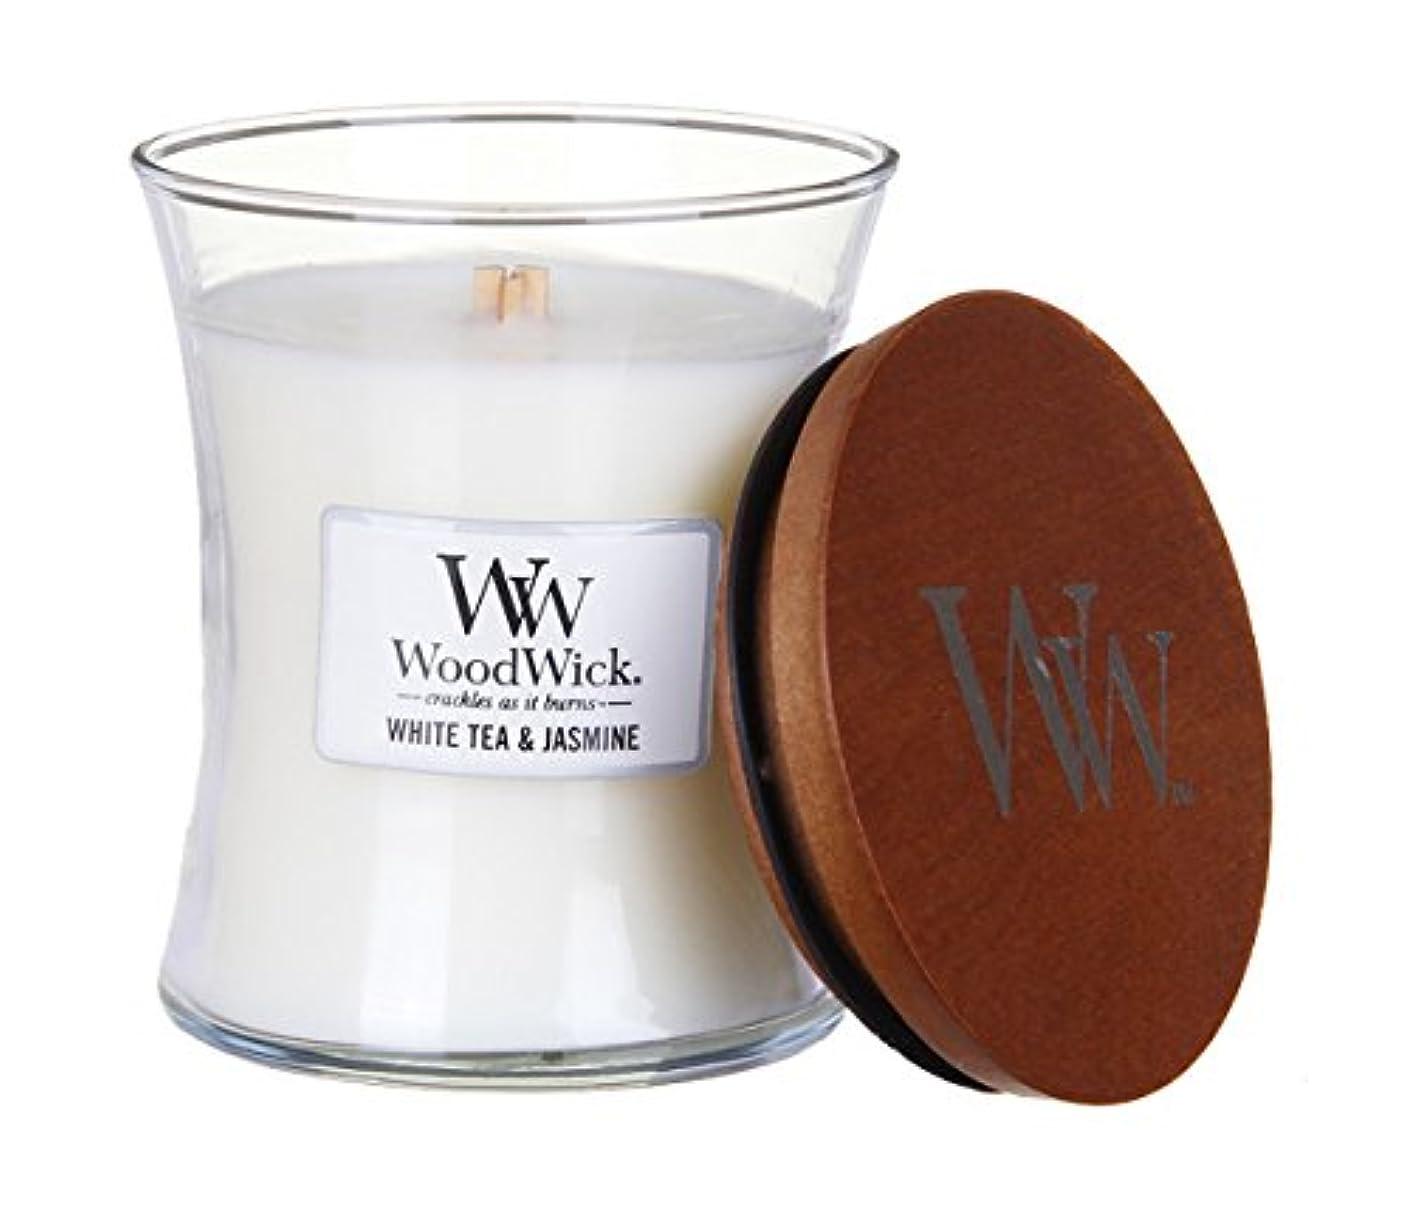 建てるアパル不承認ホワイトTea Jasmine – WoodWick 10oz Medium Jar Candle Burns 100時間